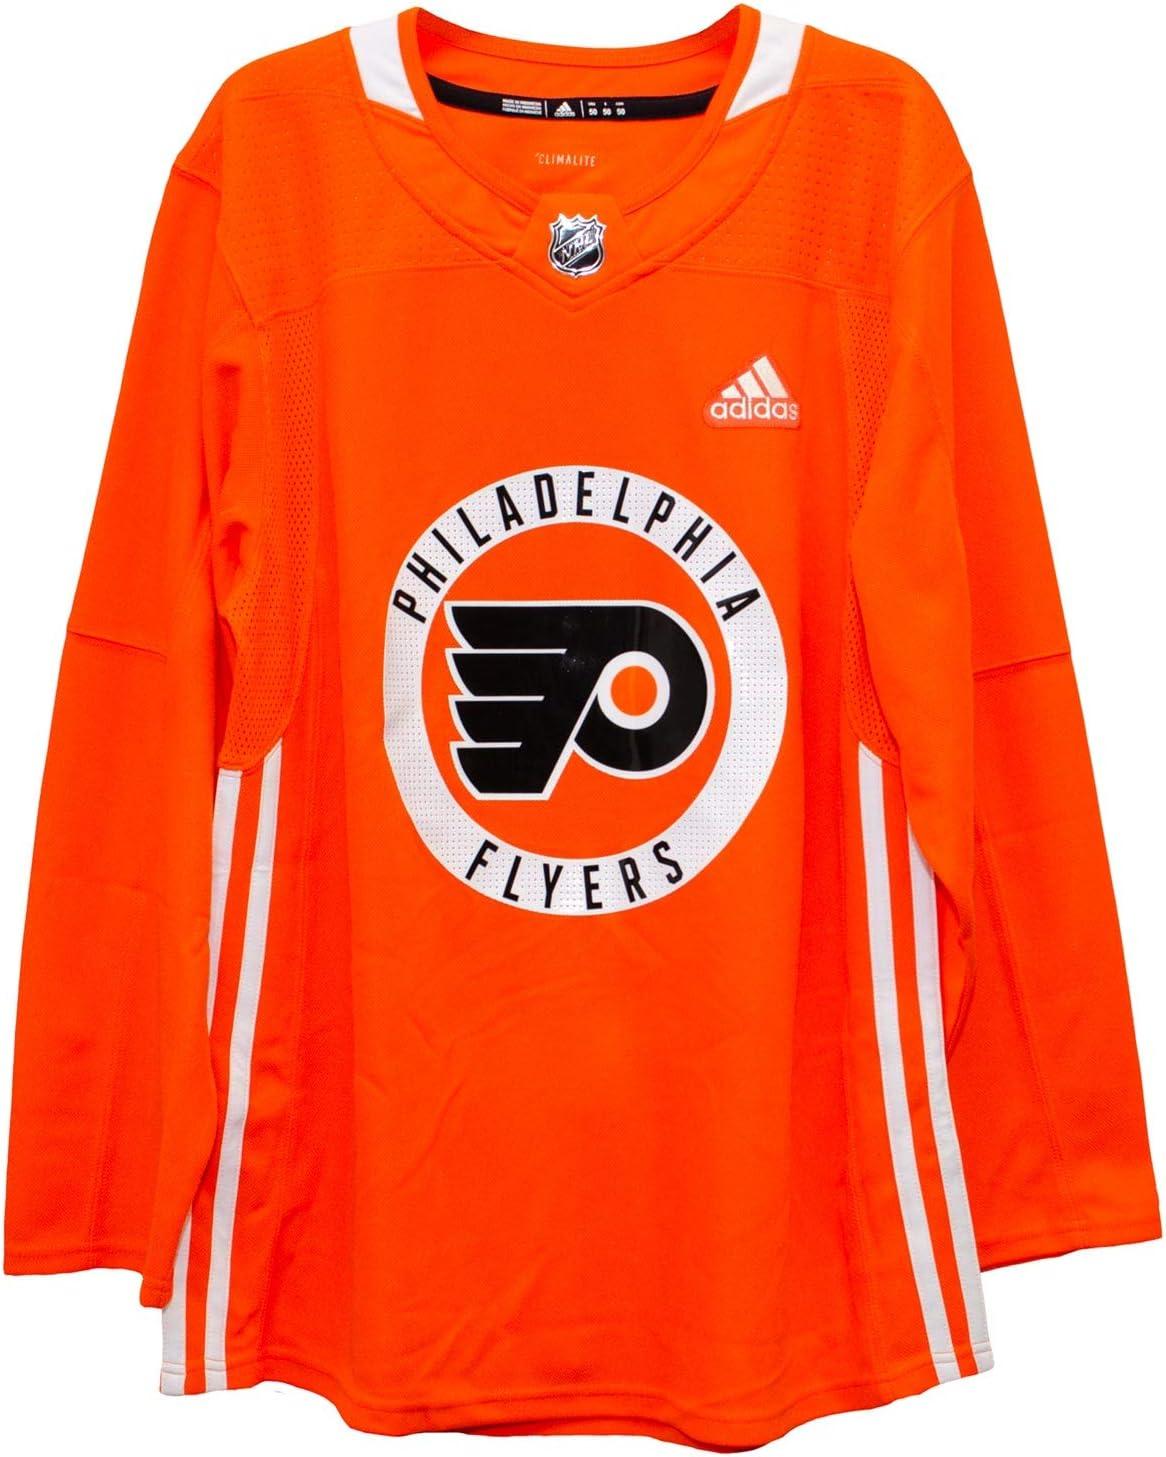 adidas Philadelphia Flyers NHL